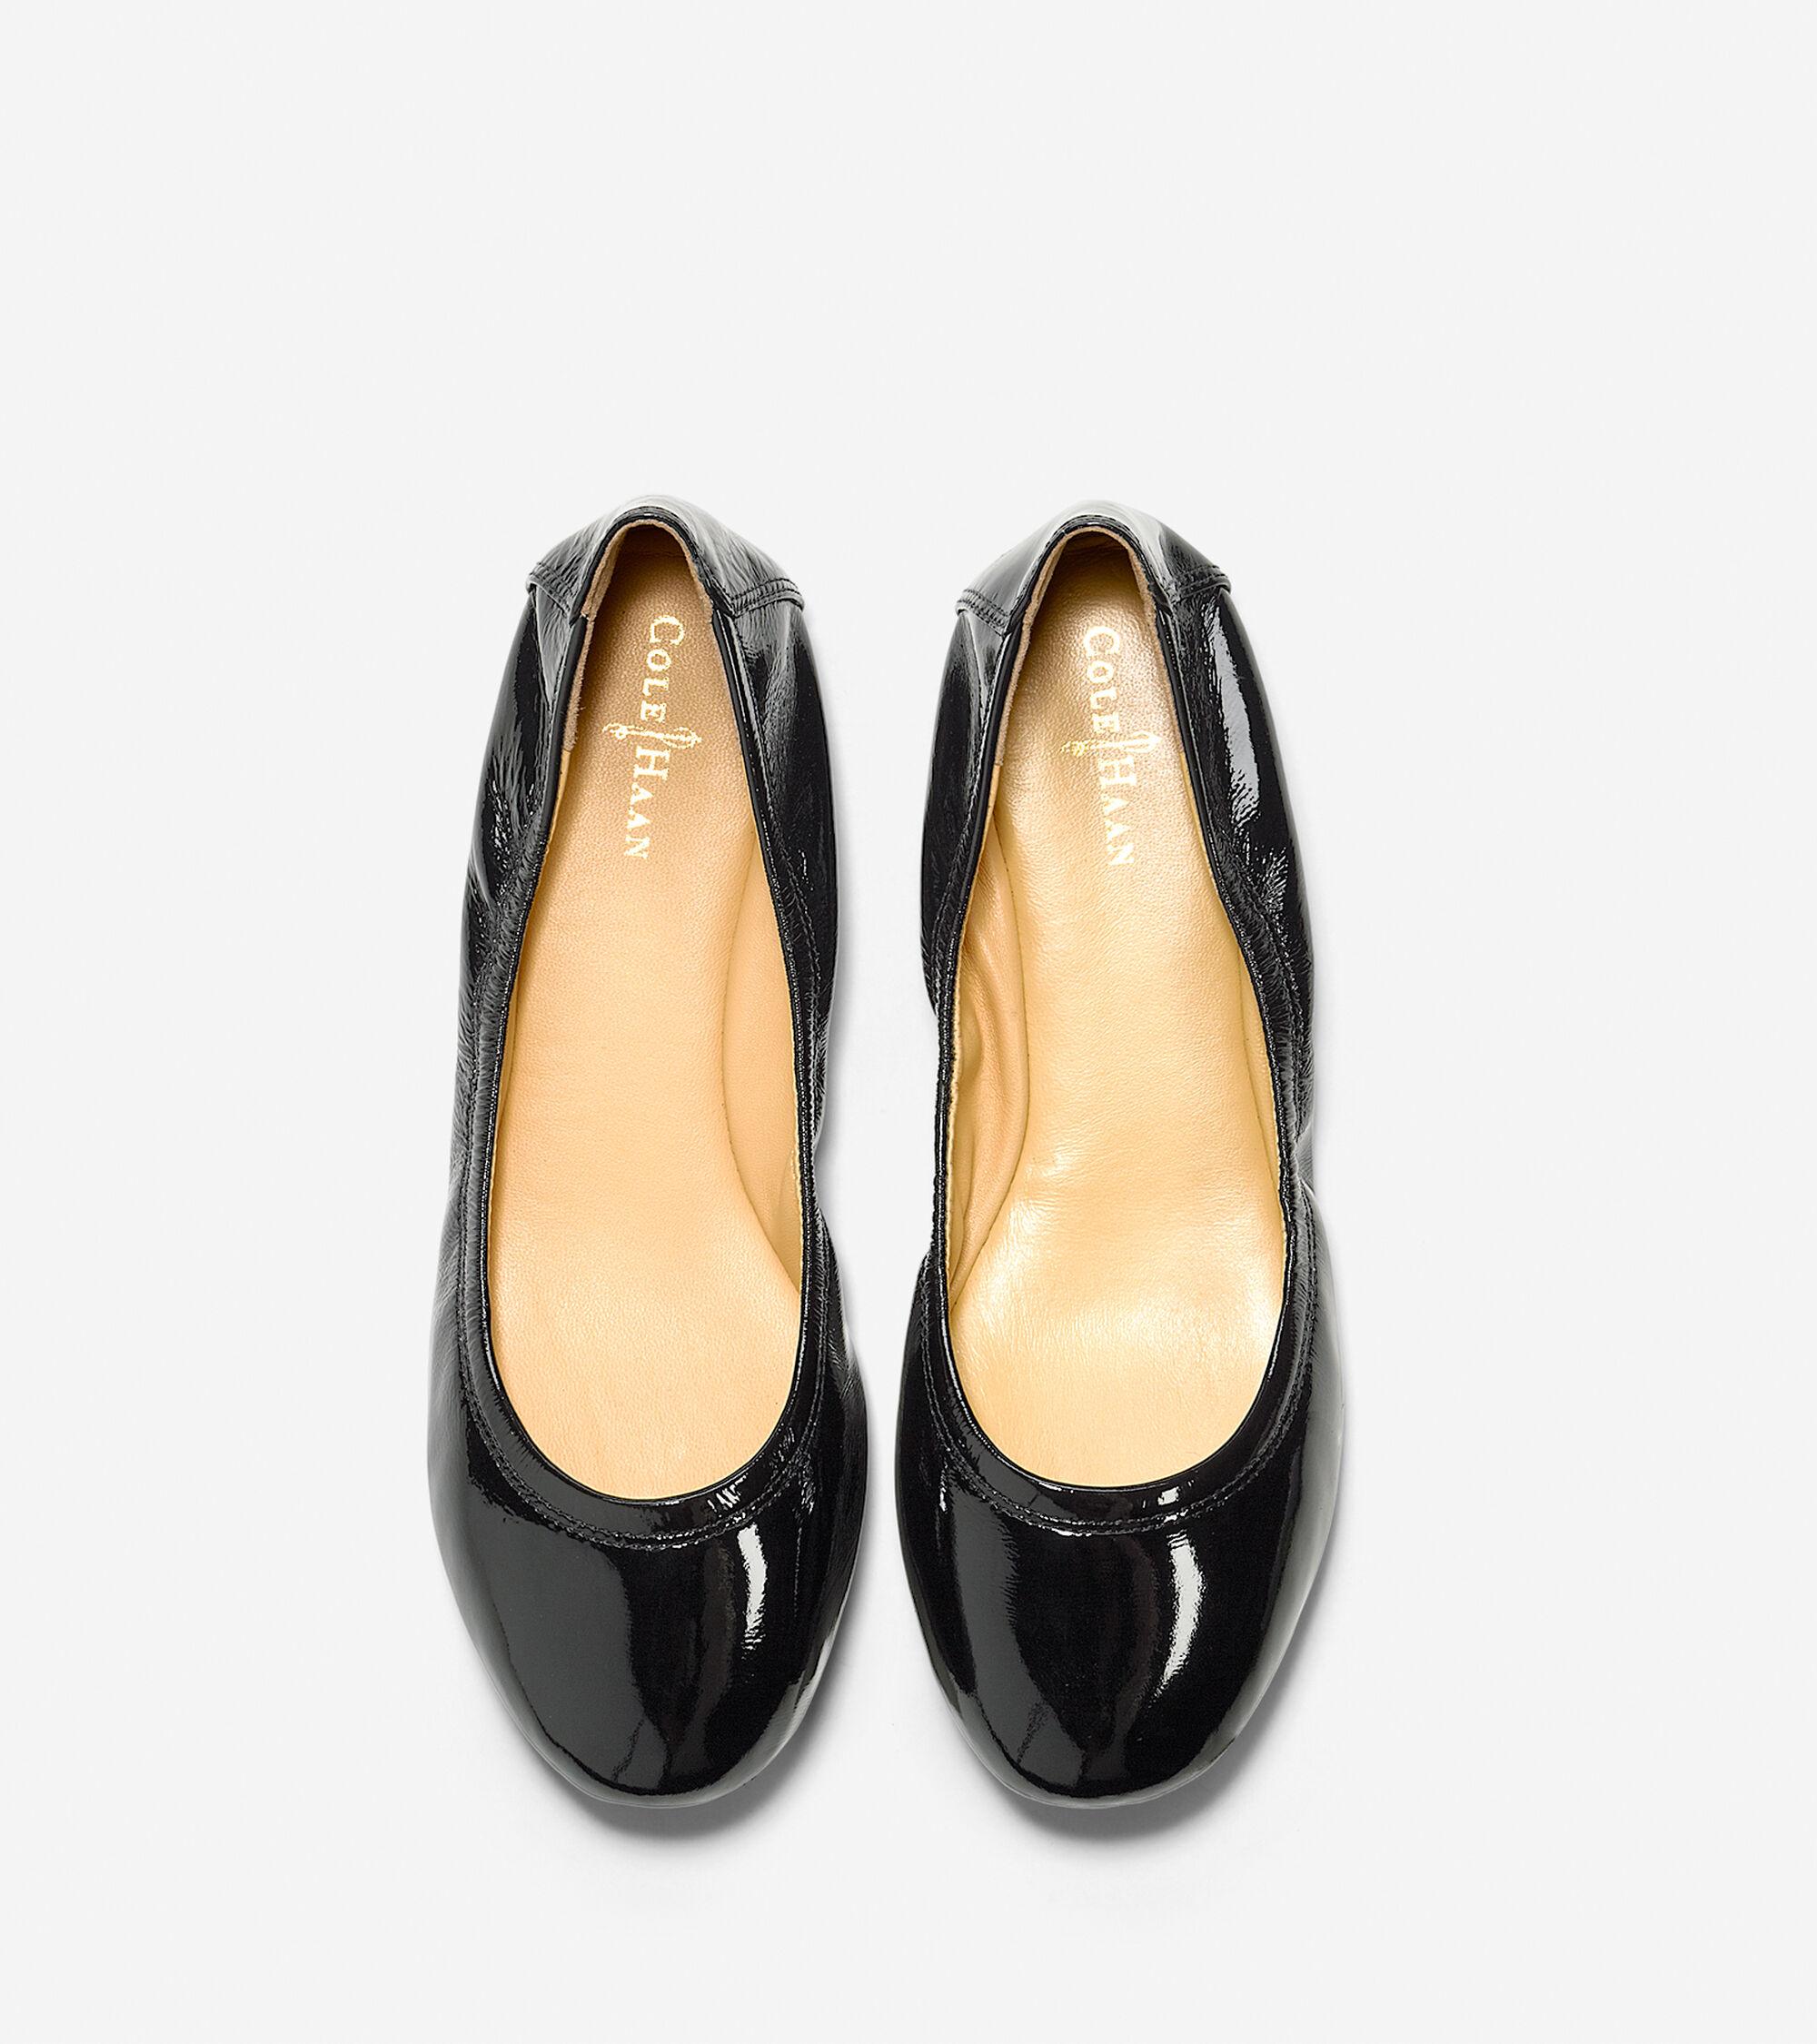 8a27e31bb2a Womens Manhattan Ballet Flats in Black Patent